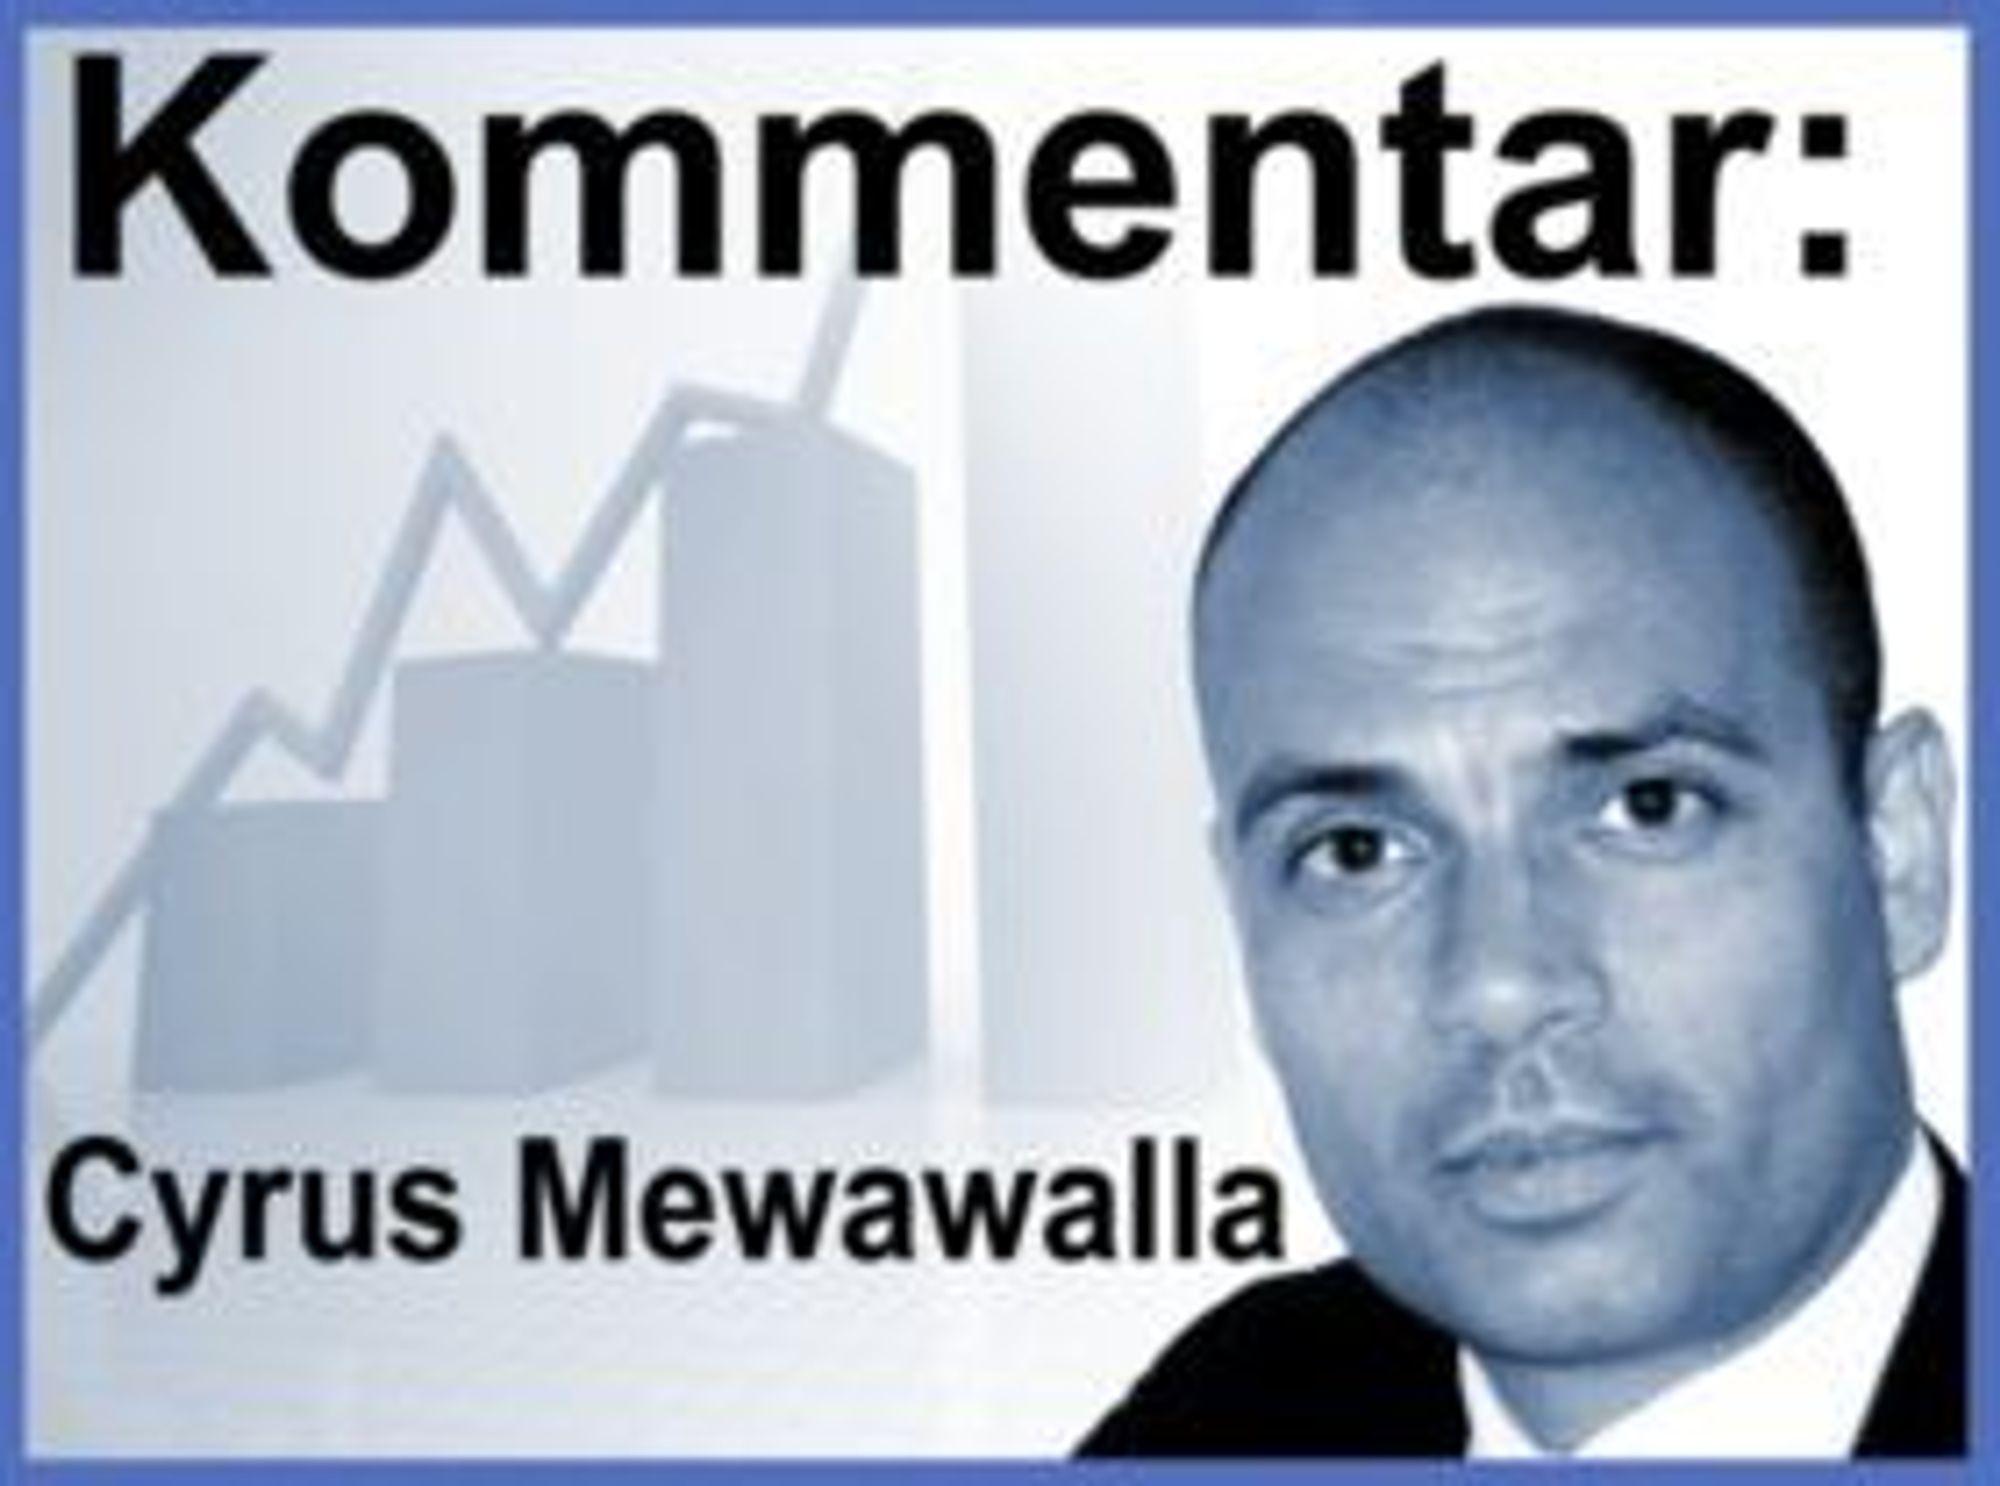 Den London-basert investeringsanalytikeren Cyrus Mewawalla i CM Research skriver faste kommentarer for digi.no. Han har 20 års erfaring fra teknologi-, medie- og telekomsektoren som analytiker og konsulent. Mewawalla rådgir institusjonelle investorer om investeringstrender innen denne sektoren og er anerkjent for å avdekke trender tidlig.